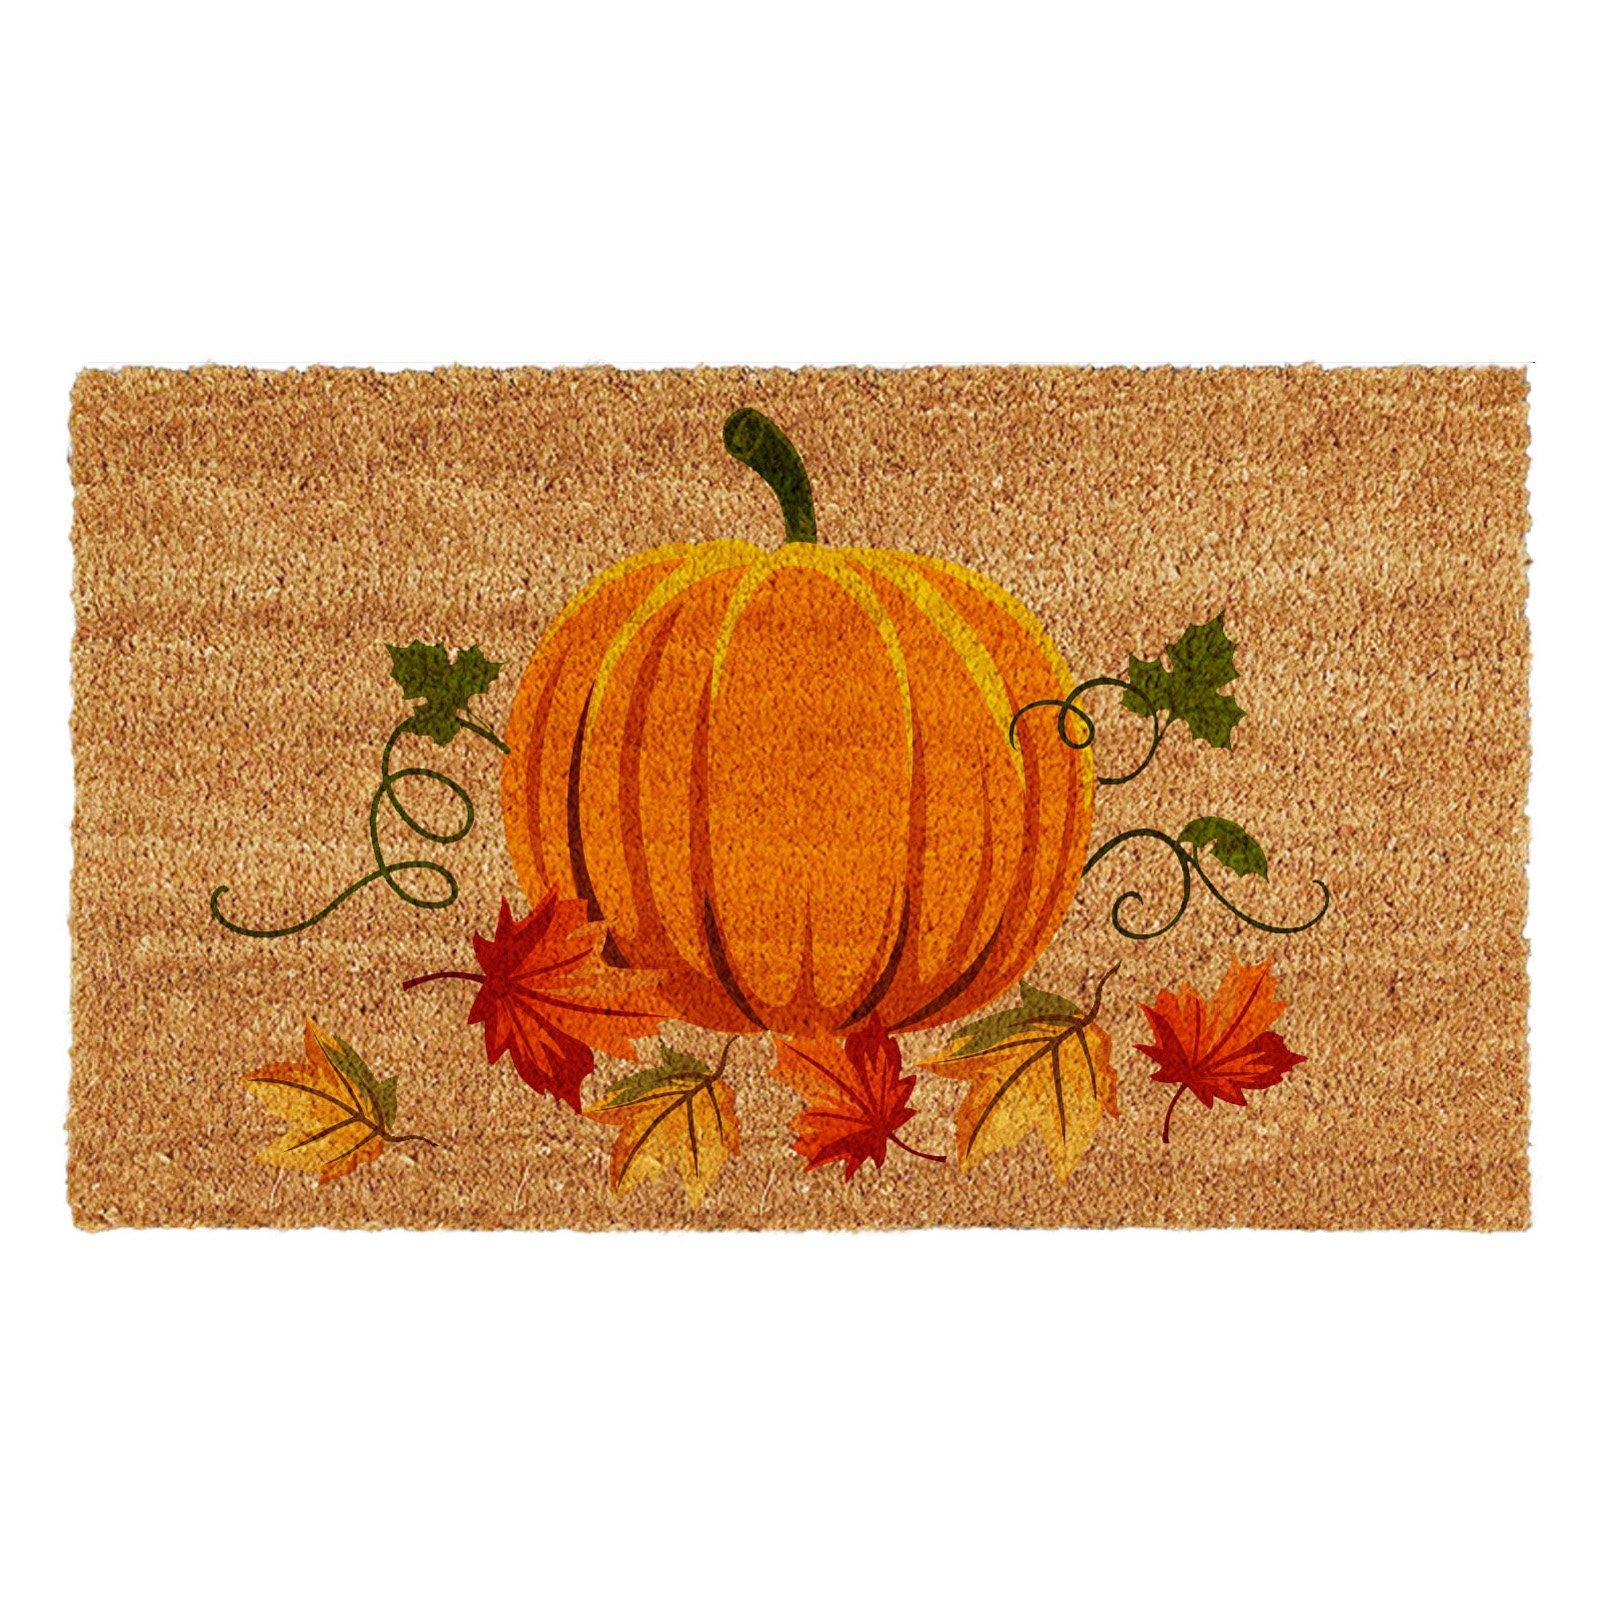 Calloway Mills Nature\\\'s Bounty Outdoor Doormat $14.29